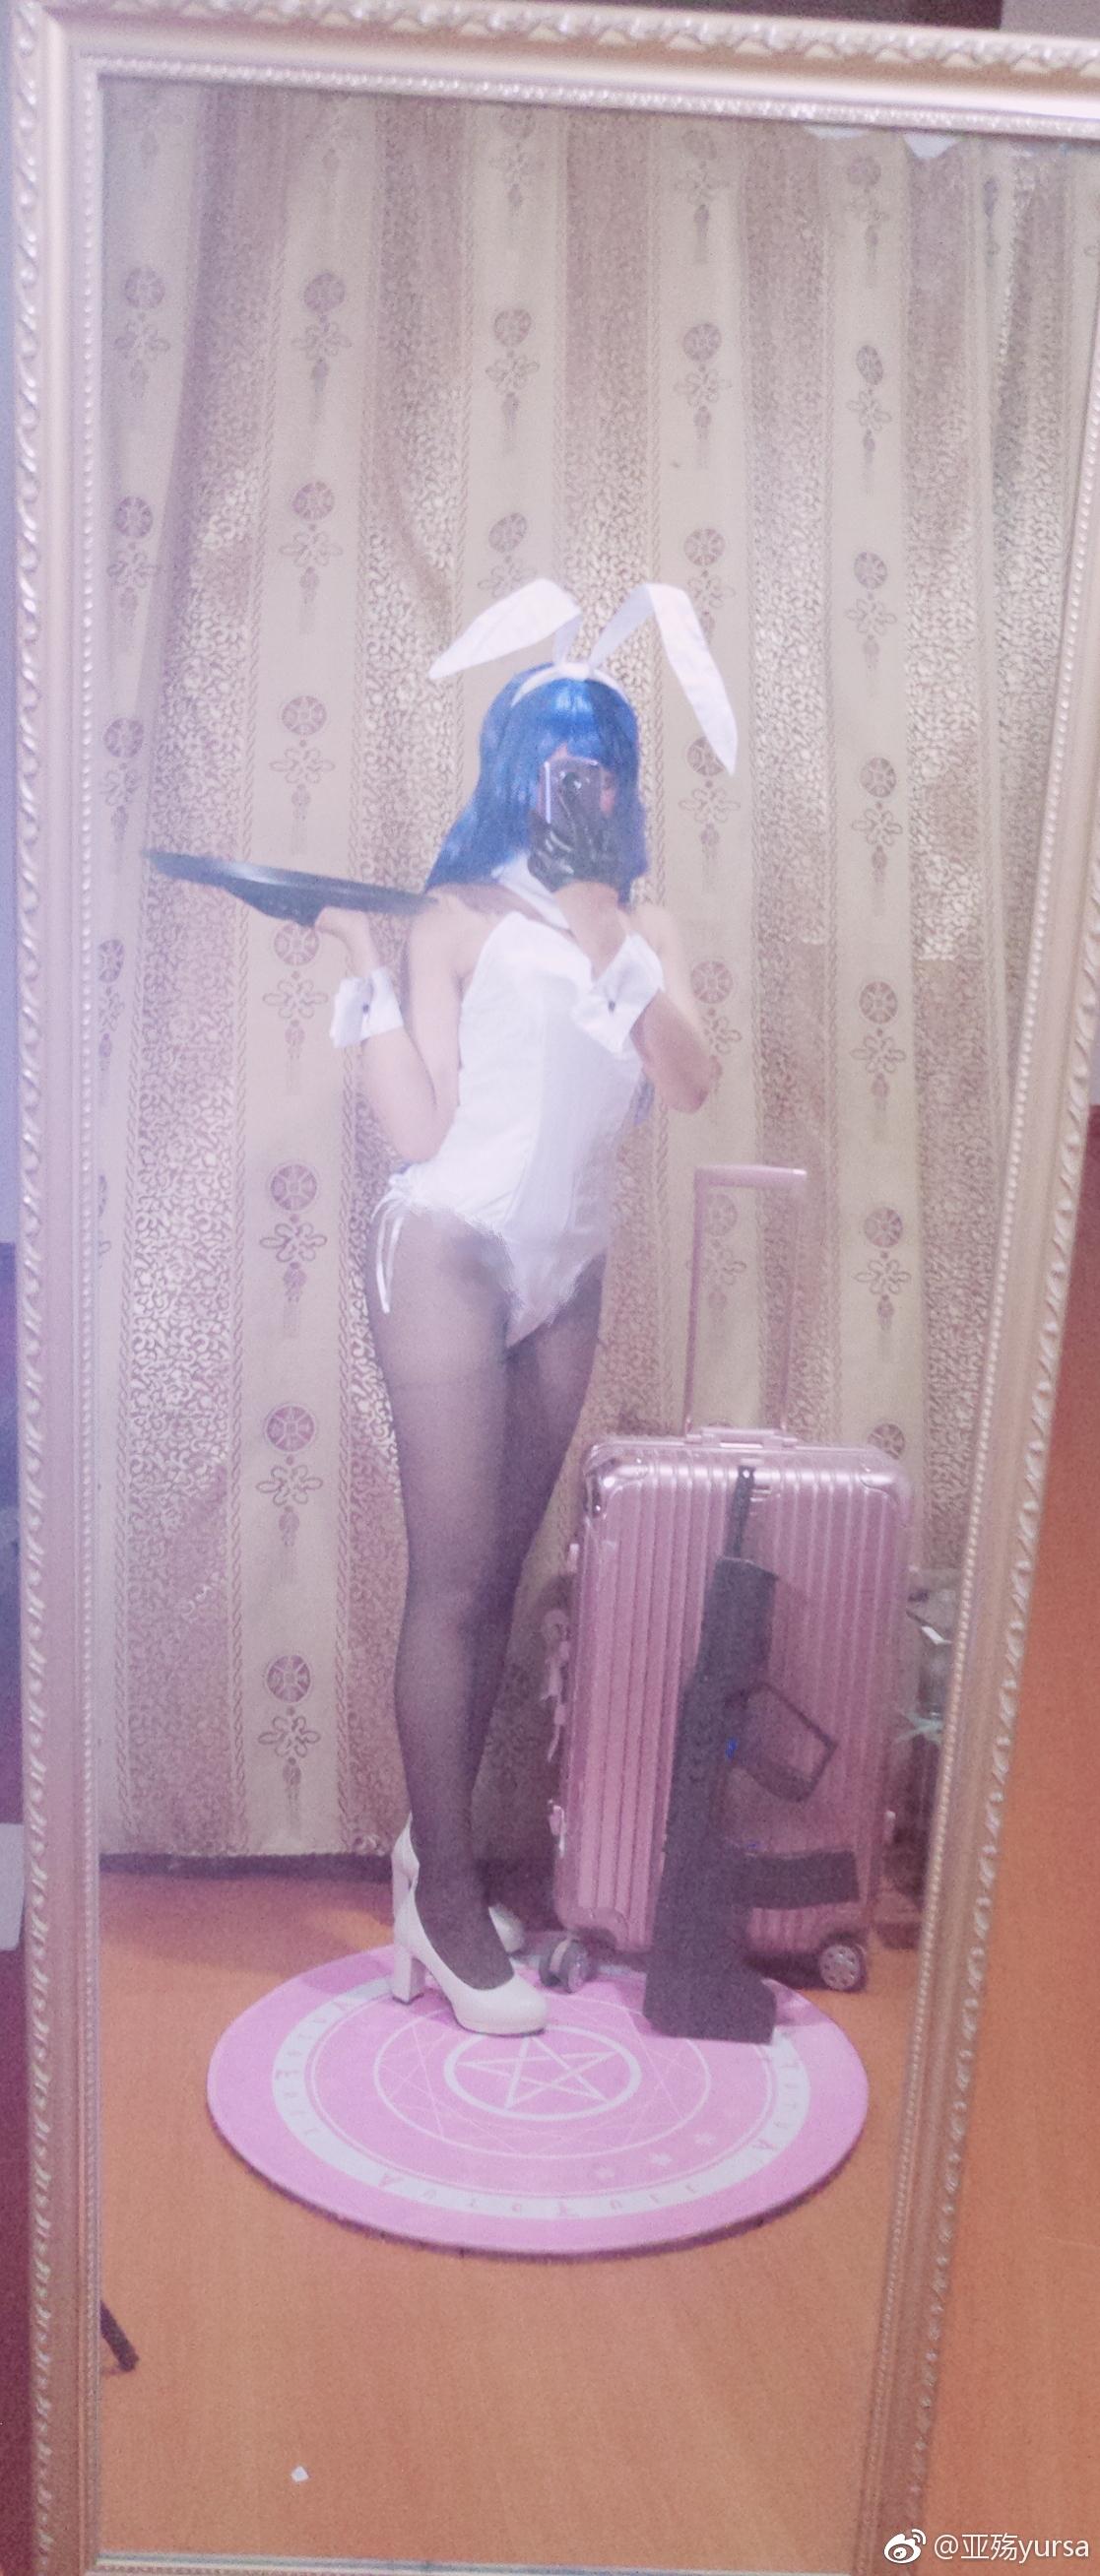 萌妹子在家玩Cos自拍,黑丝美腿兔女郎(9P)